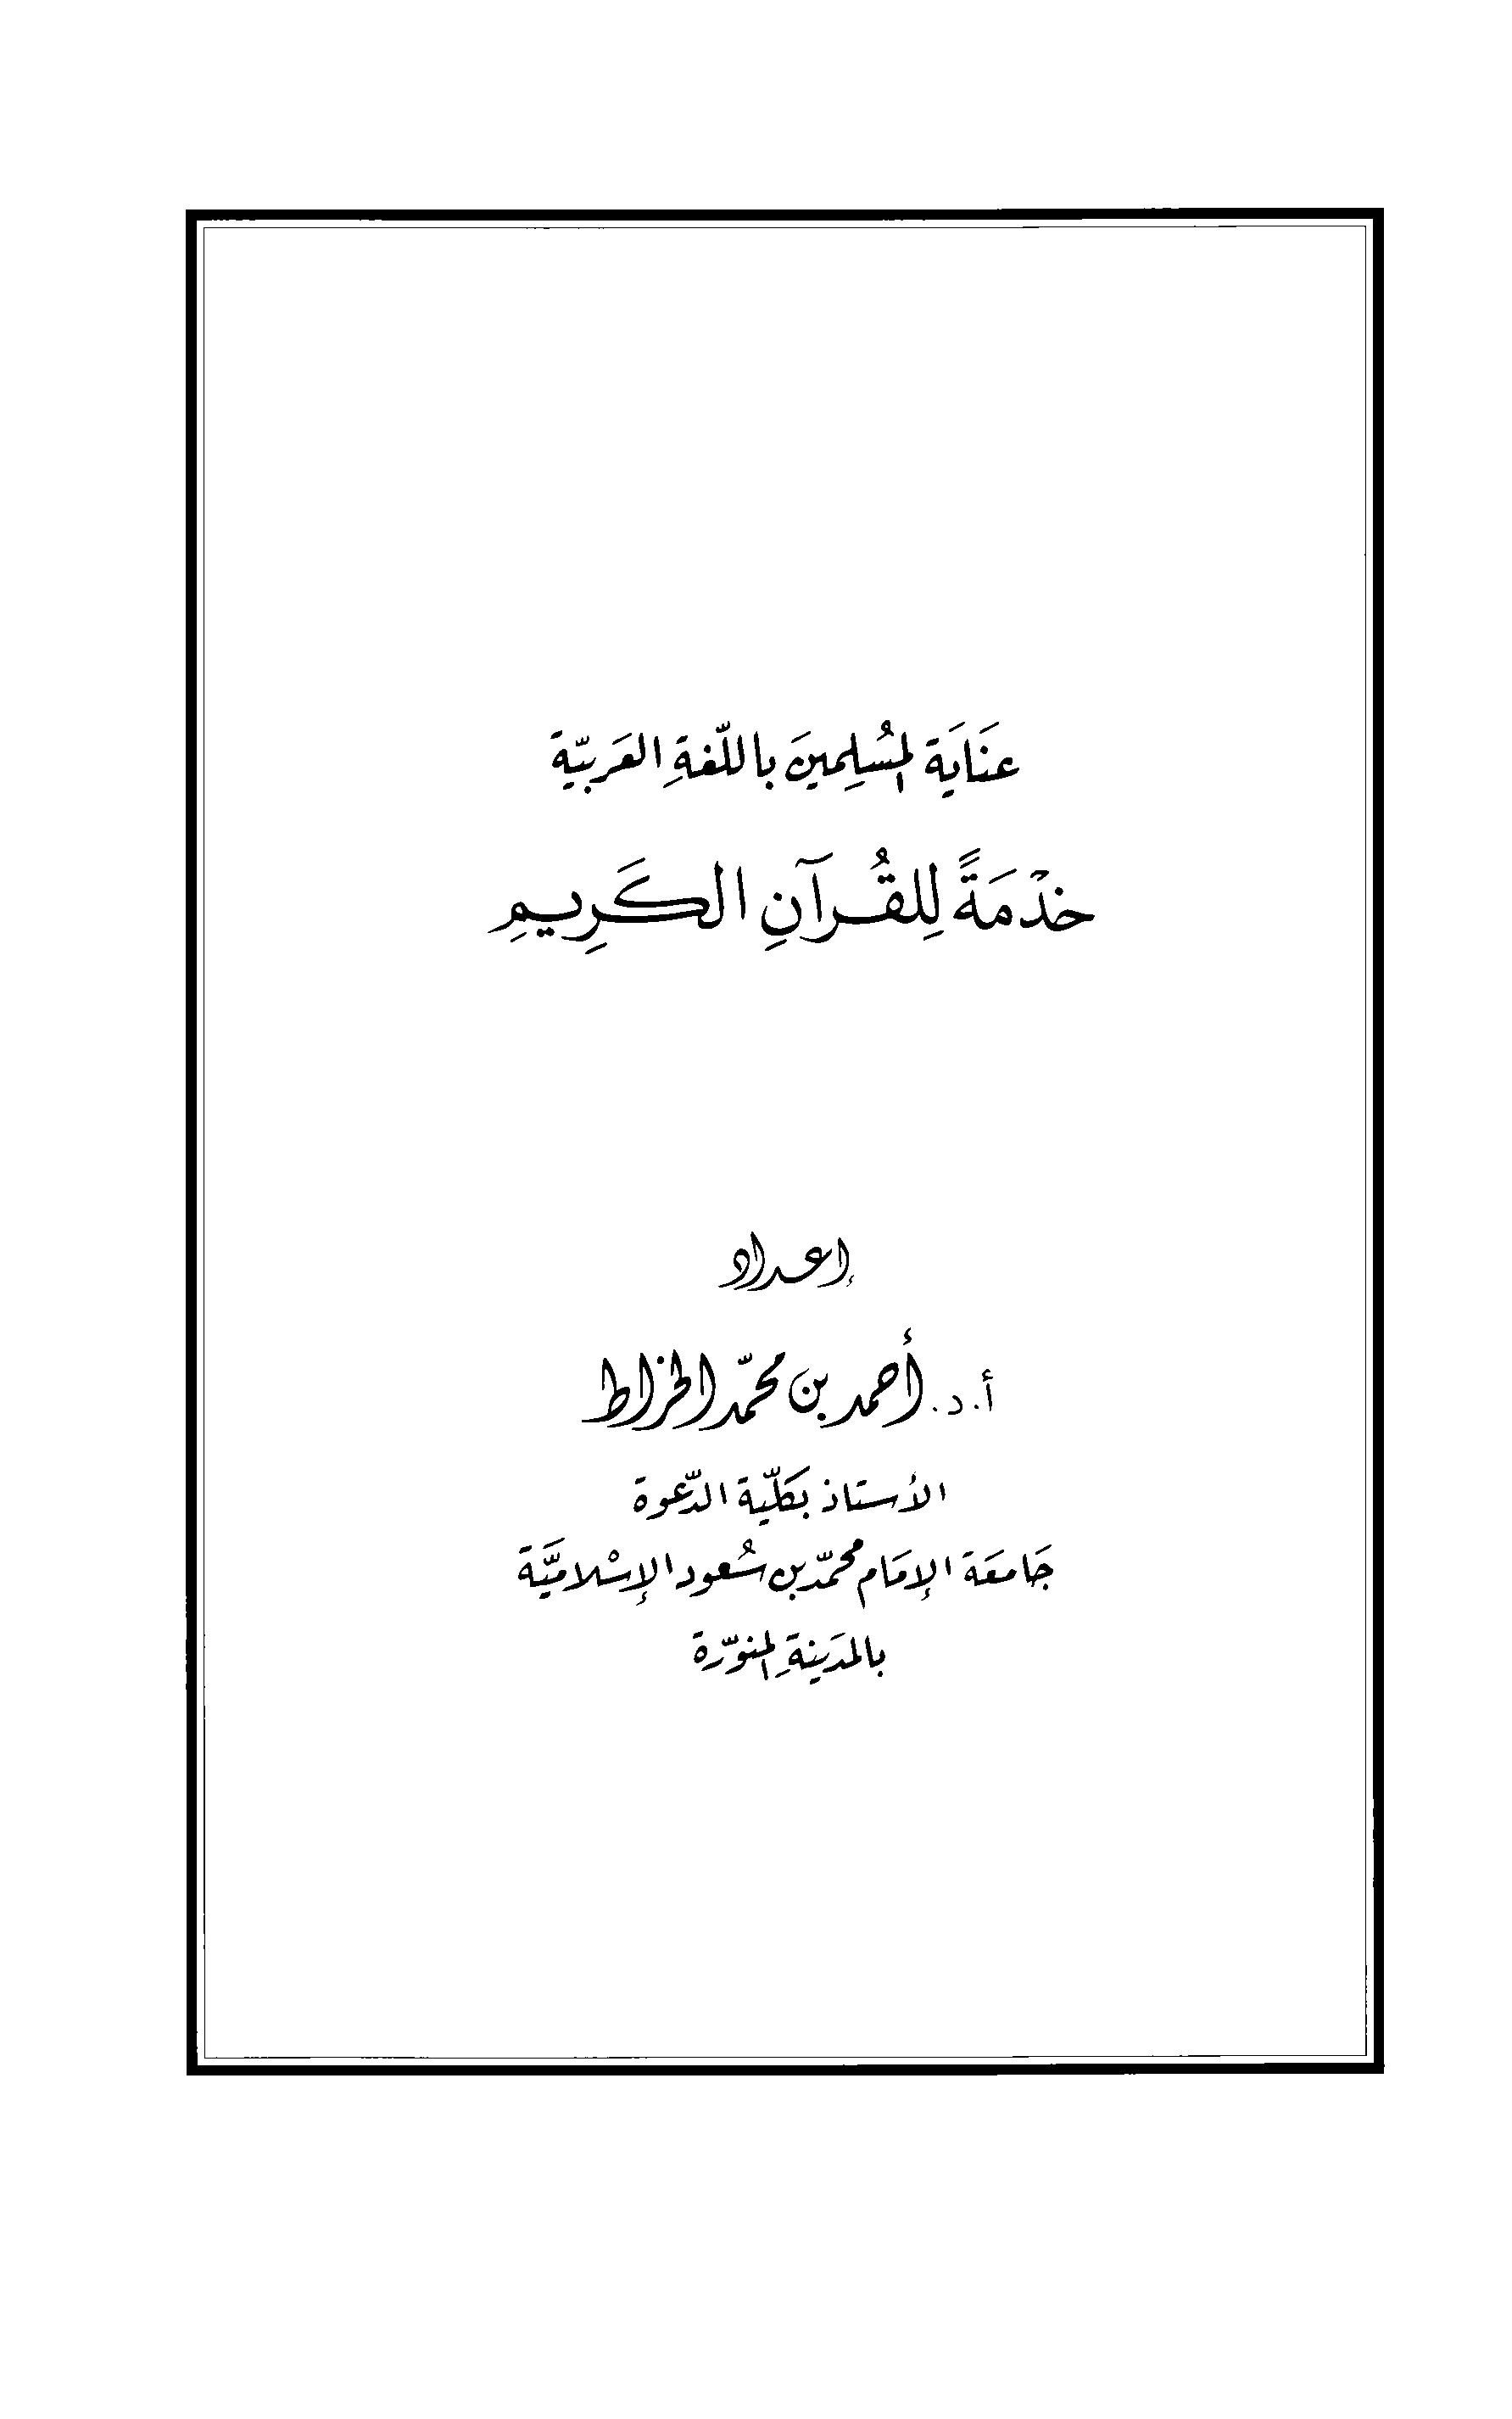 تحميل كتاب عناية المسلمين باللغة العربية خدمةً للقرآن الكريم (الخراط) لـِ: الدكتور أبو بلال أحمد بن محمد الخراط